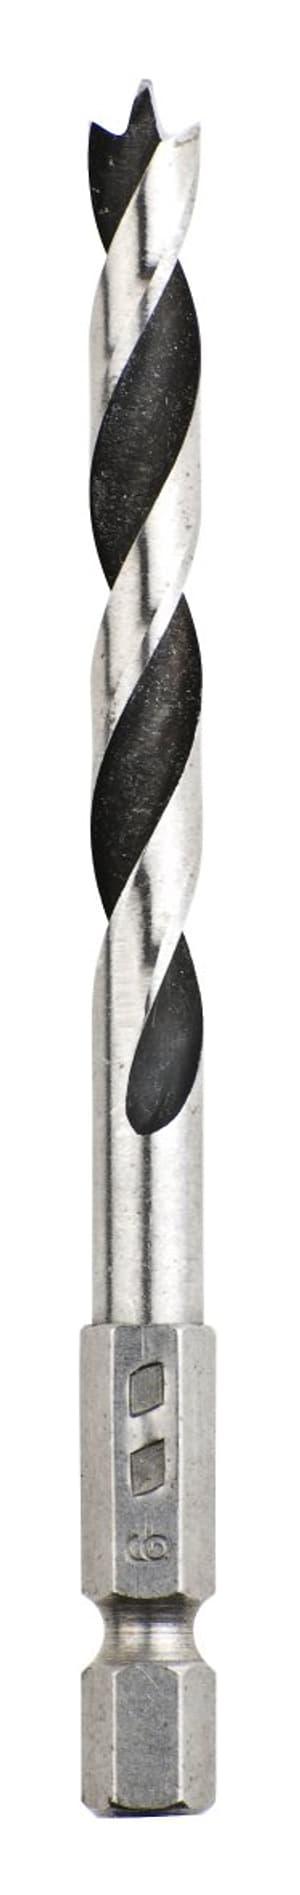 """Spiralbohrer mit Sechskantaufnahme 1/4"""", ø 3 mm"""